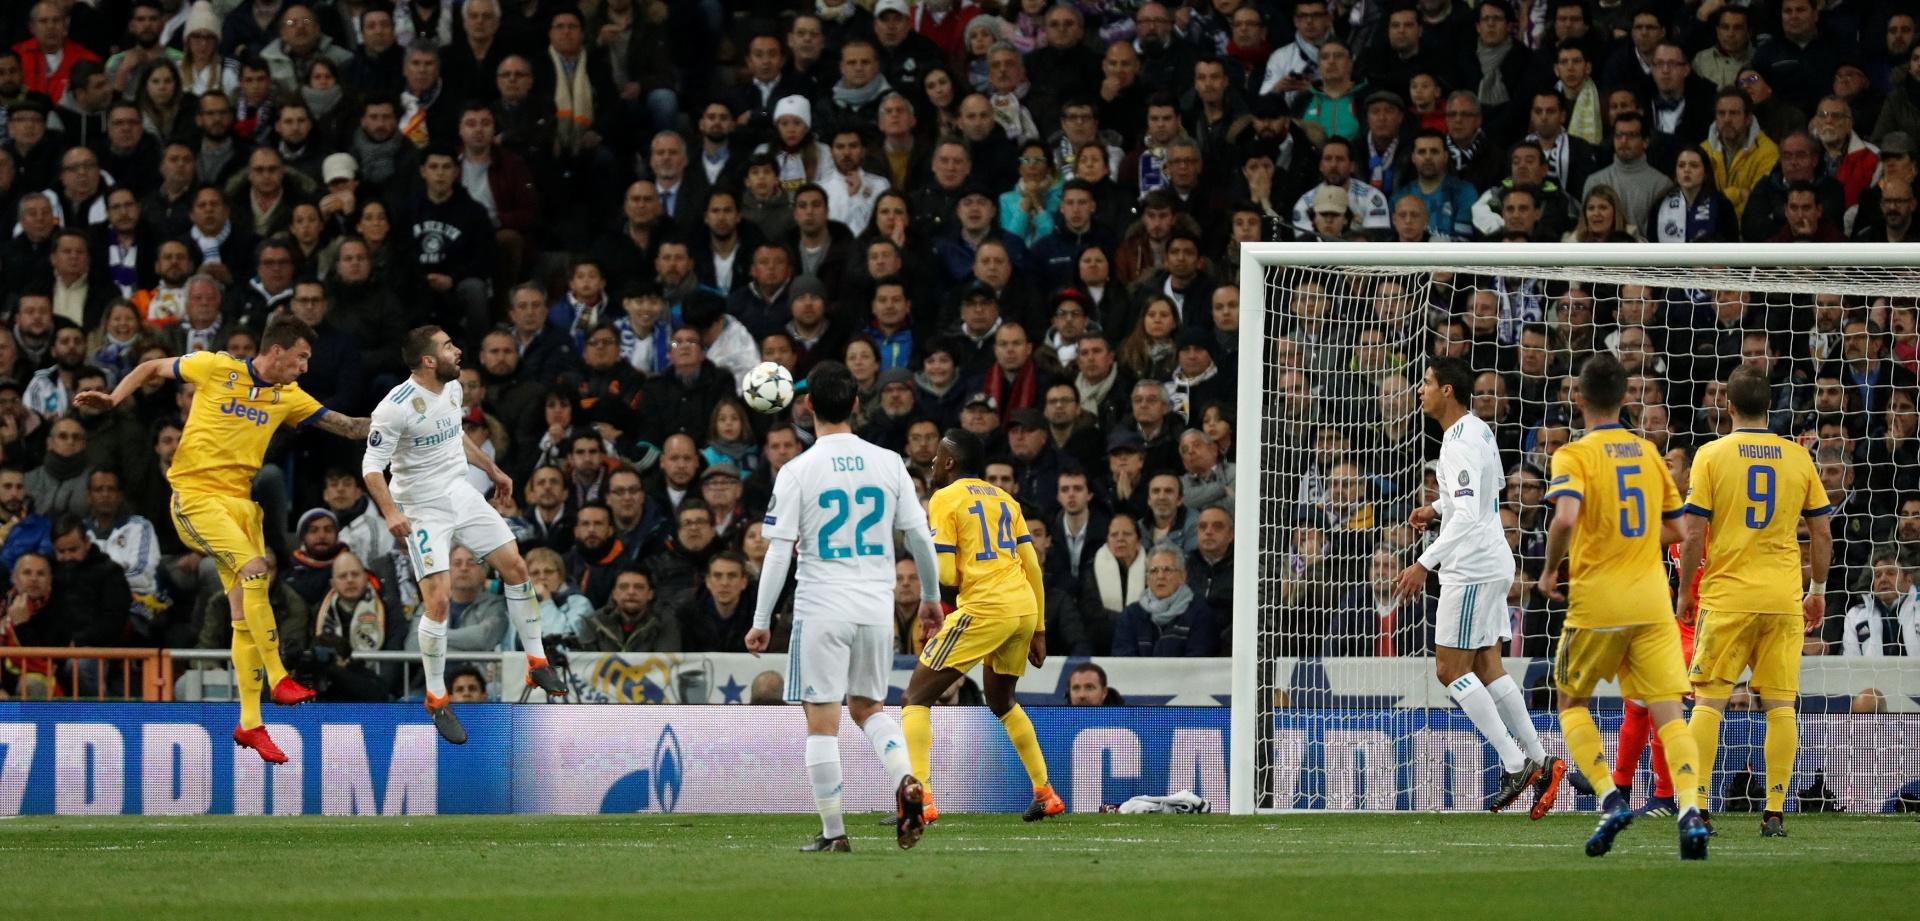 Mandzukic subiu atrás de Carvajal e cabeceou para marcar o segundo da Juventus